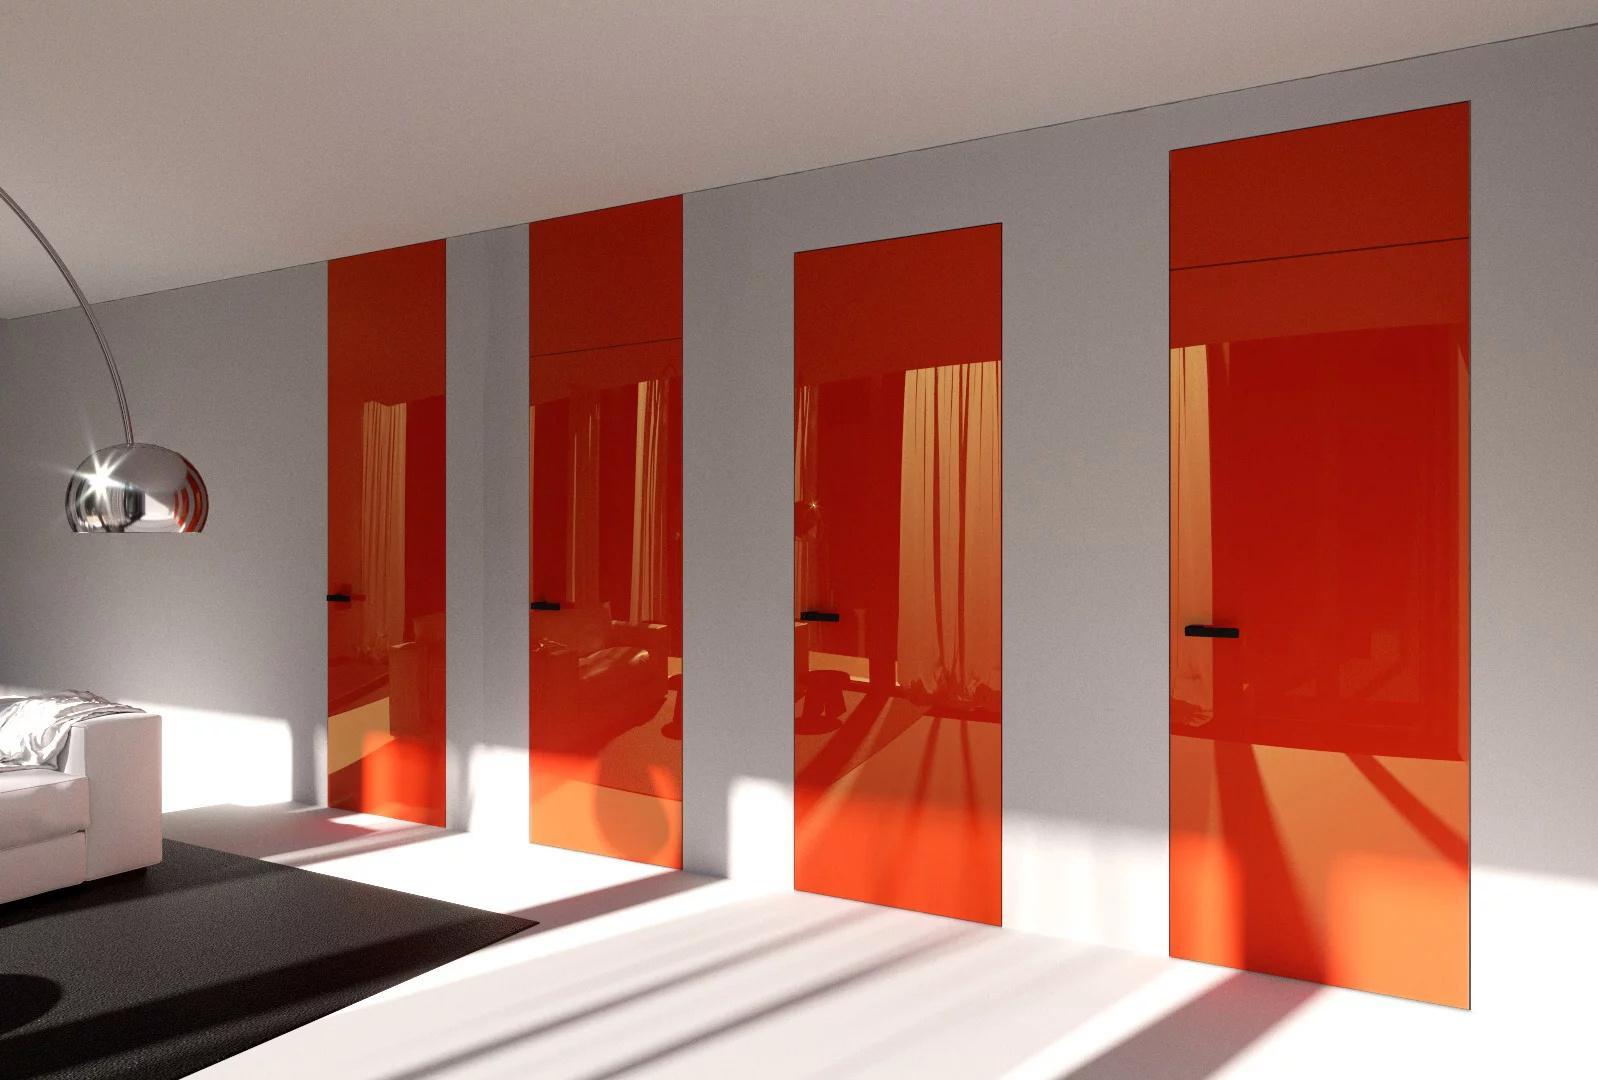 Dveře se skrytými zárubněmi Dorsis - V hlavní roli VARIABILITA - s výškou až 3500mm, s nadpražím či šikminou, vždy budou vhodné a krásné!